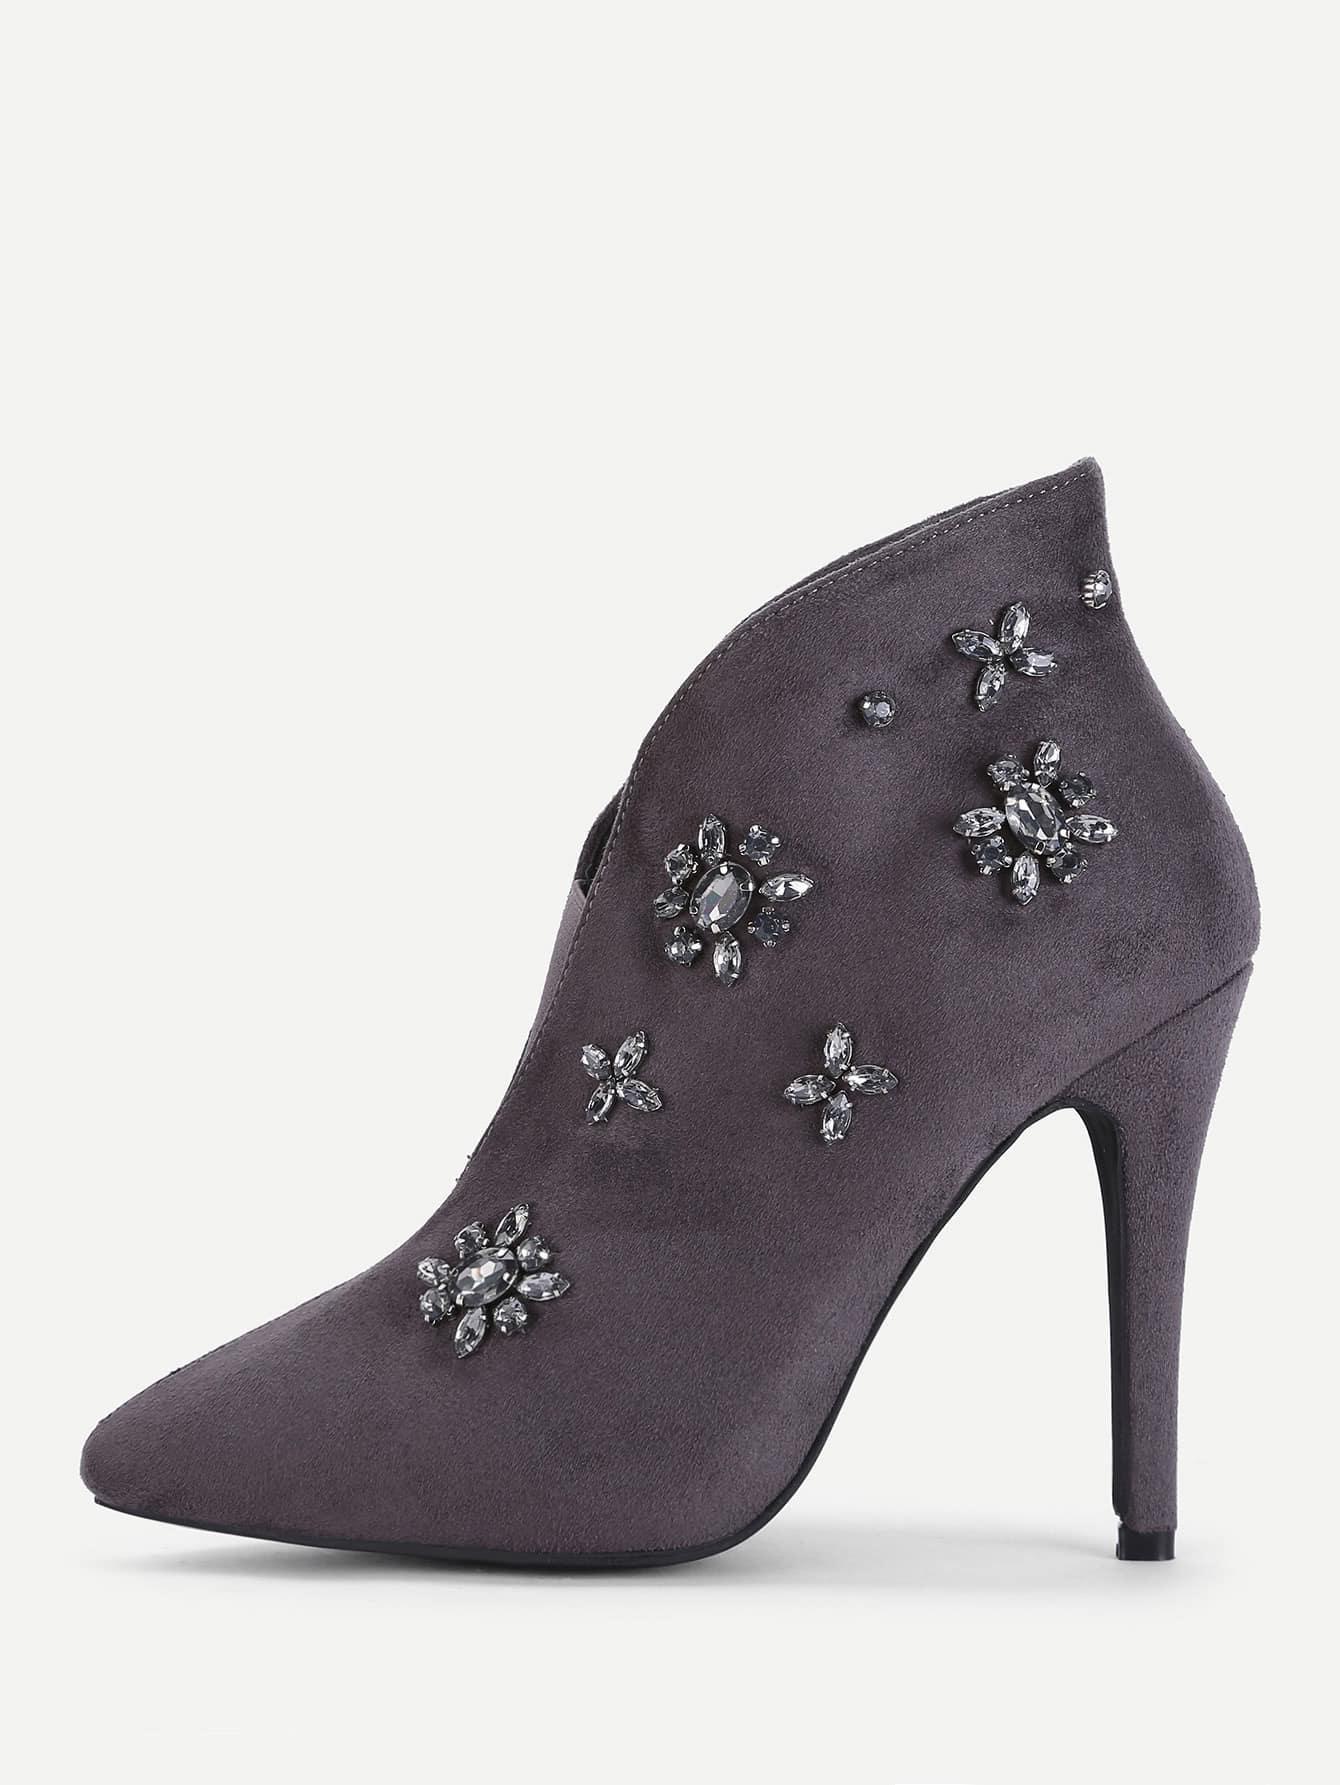 Rhinestone Flower Embellished Heeled Boots rhinestone flower embellished heeled boots